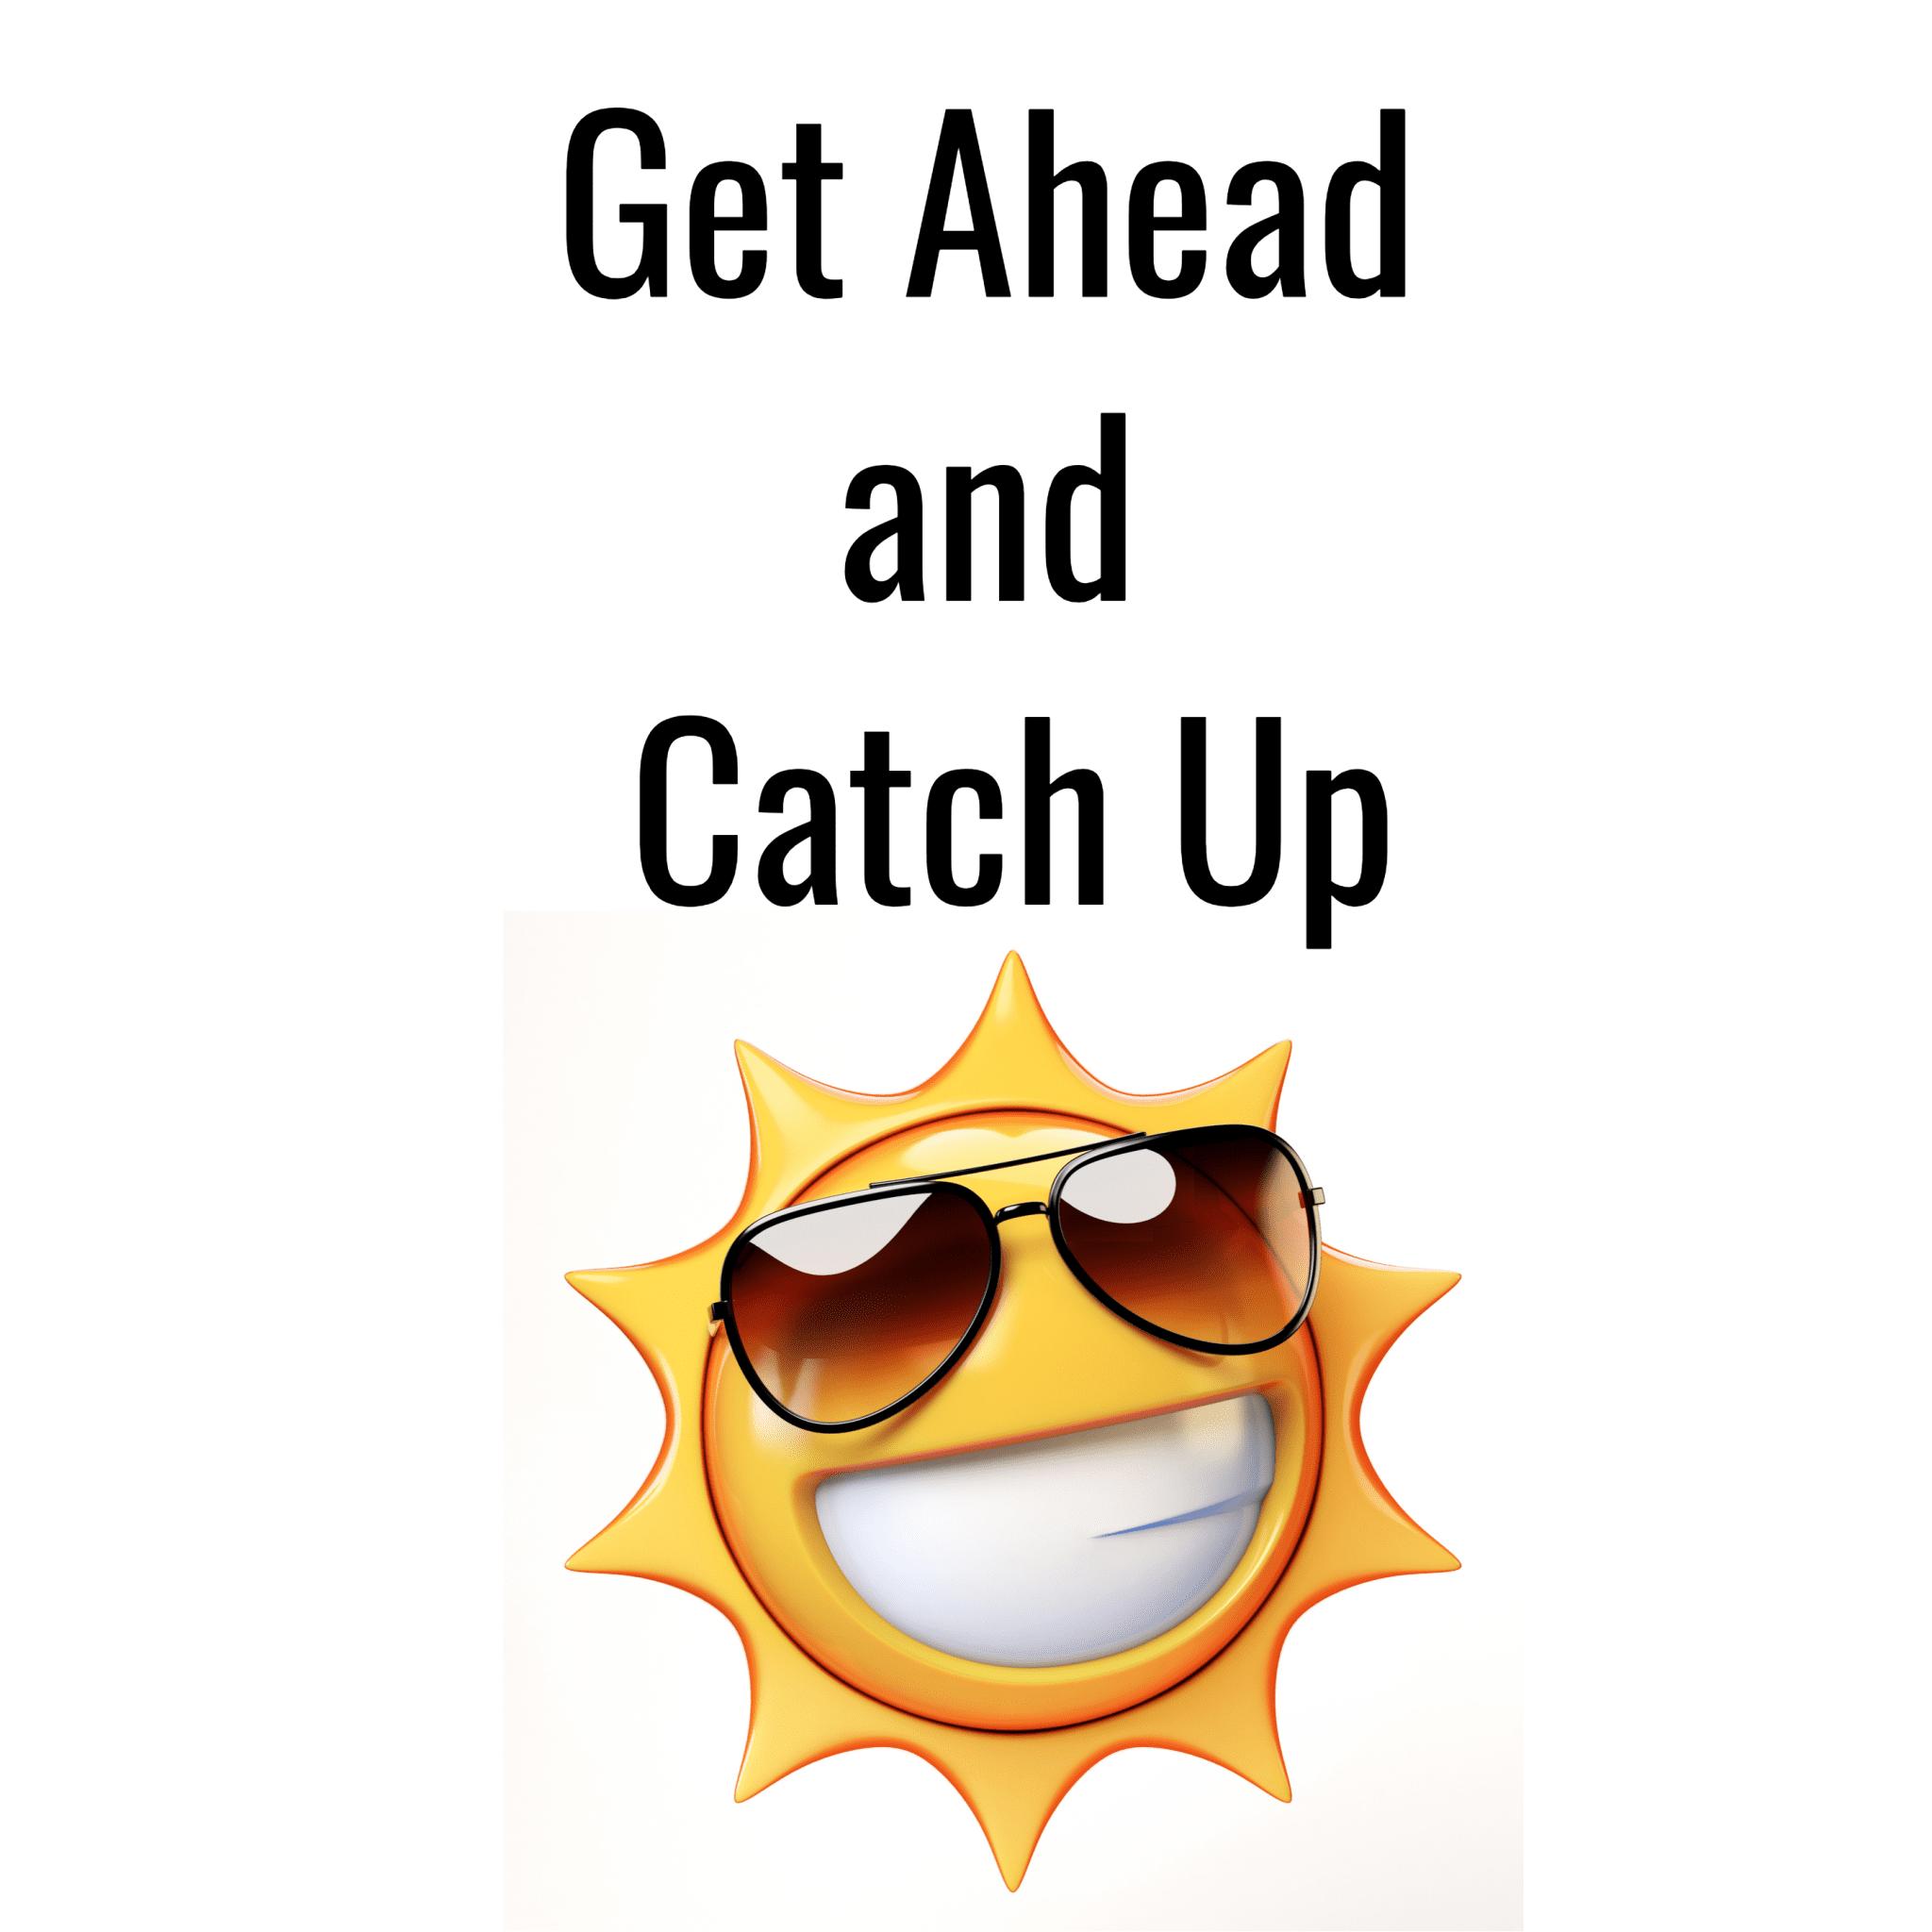 Get Ahead and Catch Up atostogų kursai 8-19 metų amžiaus mokiniams